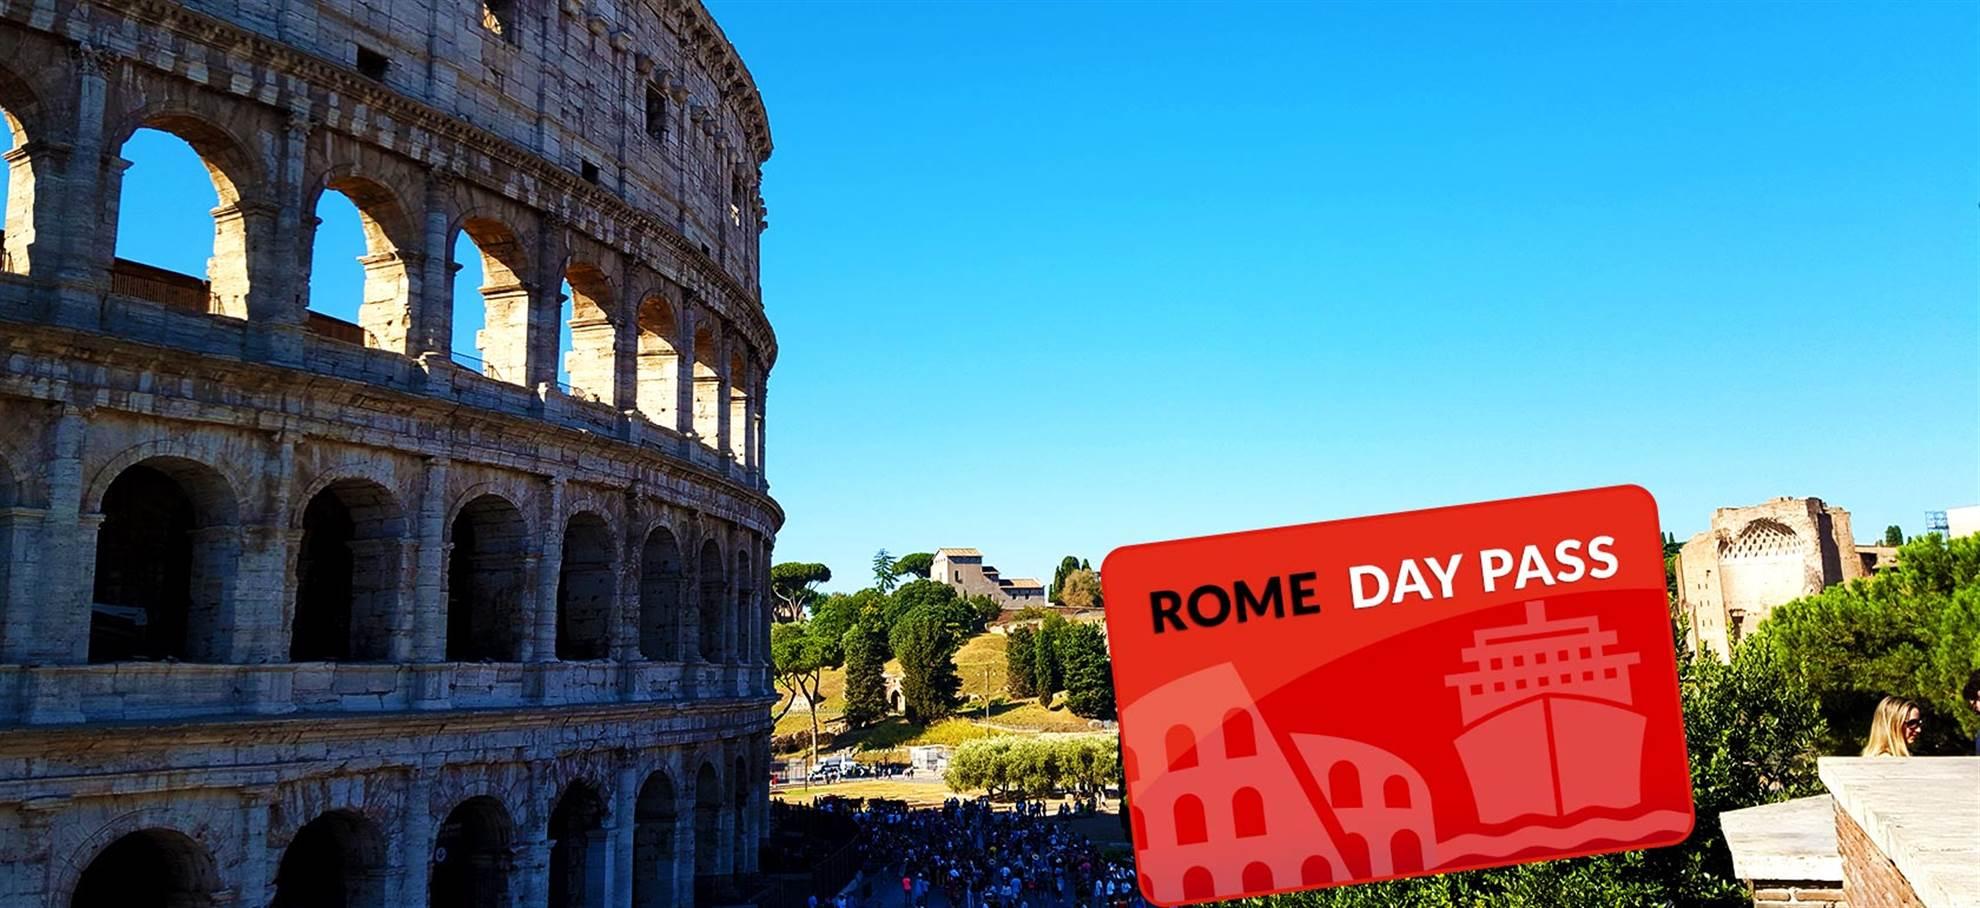 Дневной туристический пропуск в Рим (Rome Day Pass) с Чивитавеккья (Римский порт)